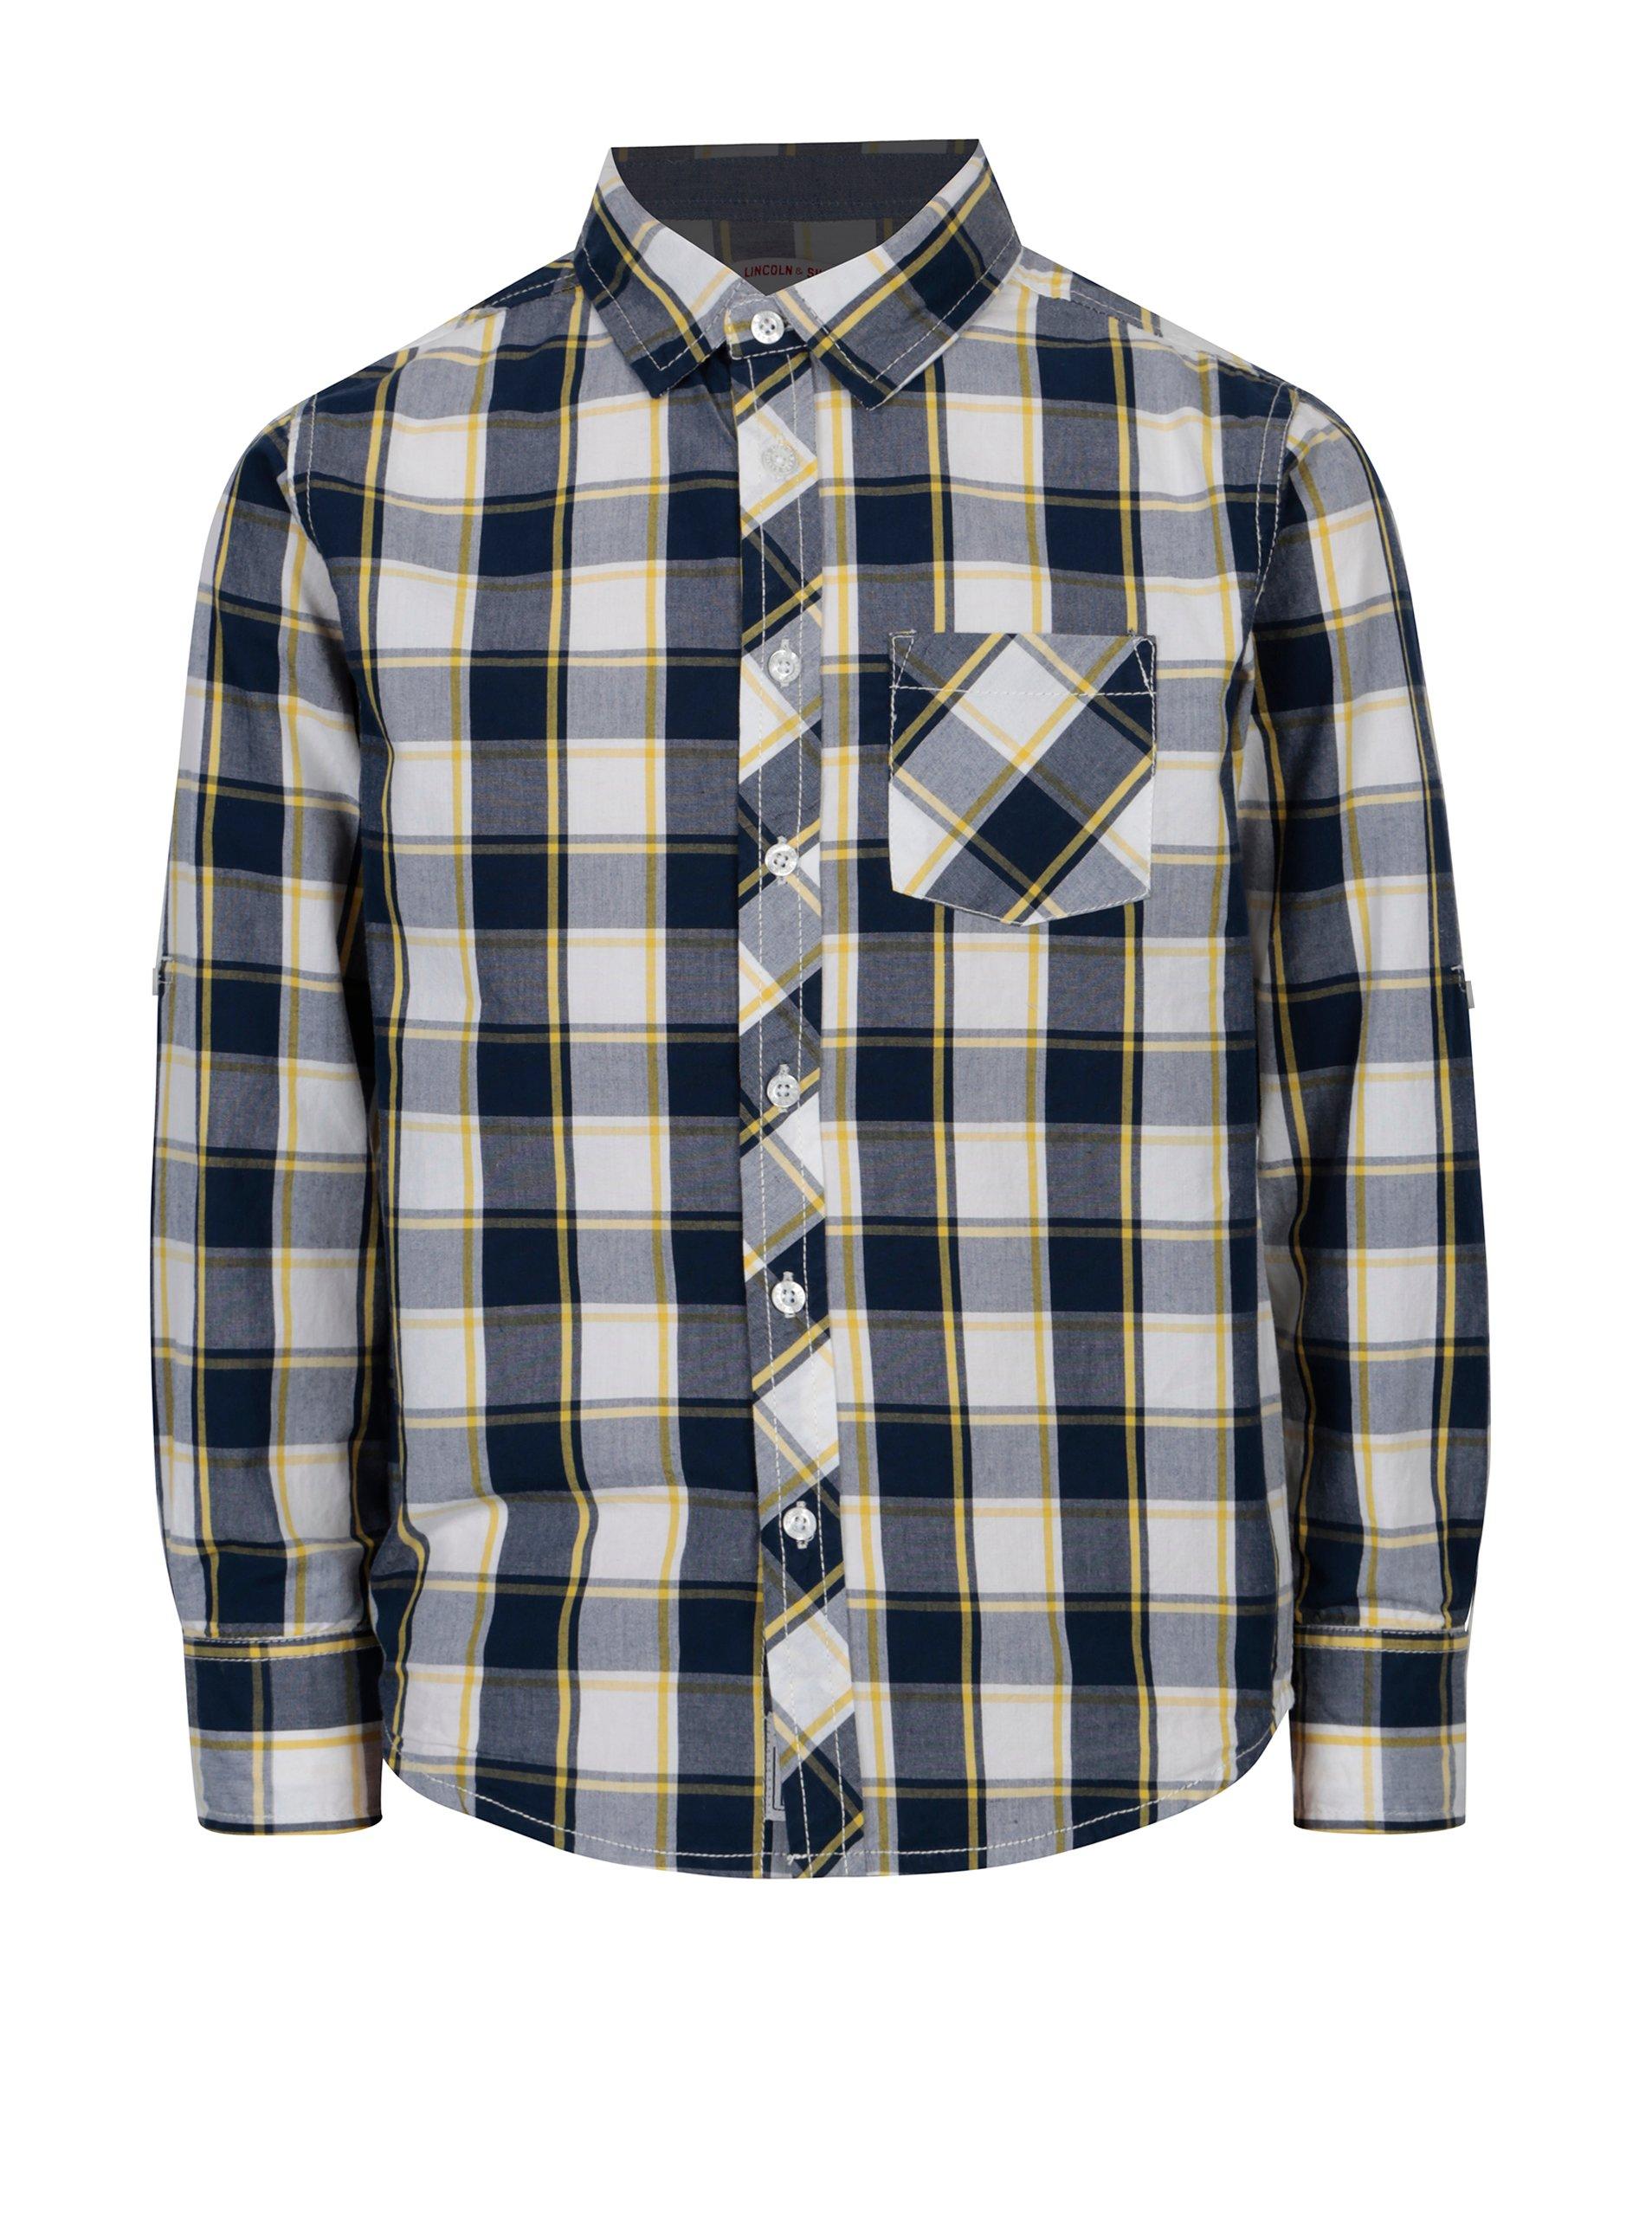 Modrá klučičí kostkovaná košile s dlouhým rukávem 5.10.15. 62ab2a4b5d